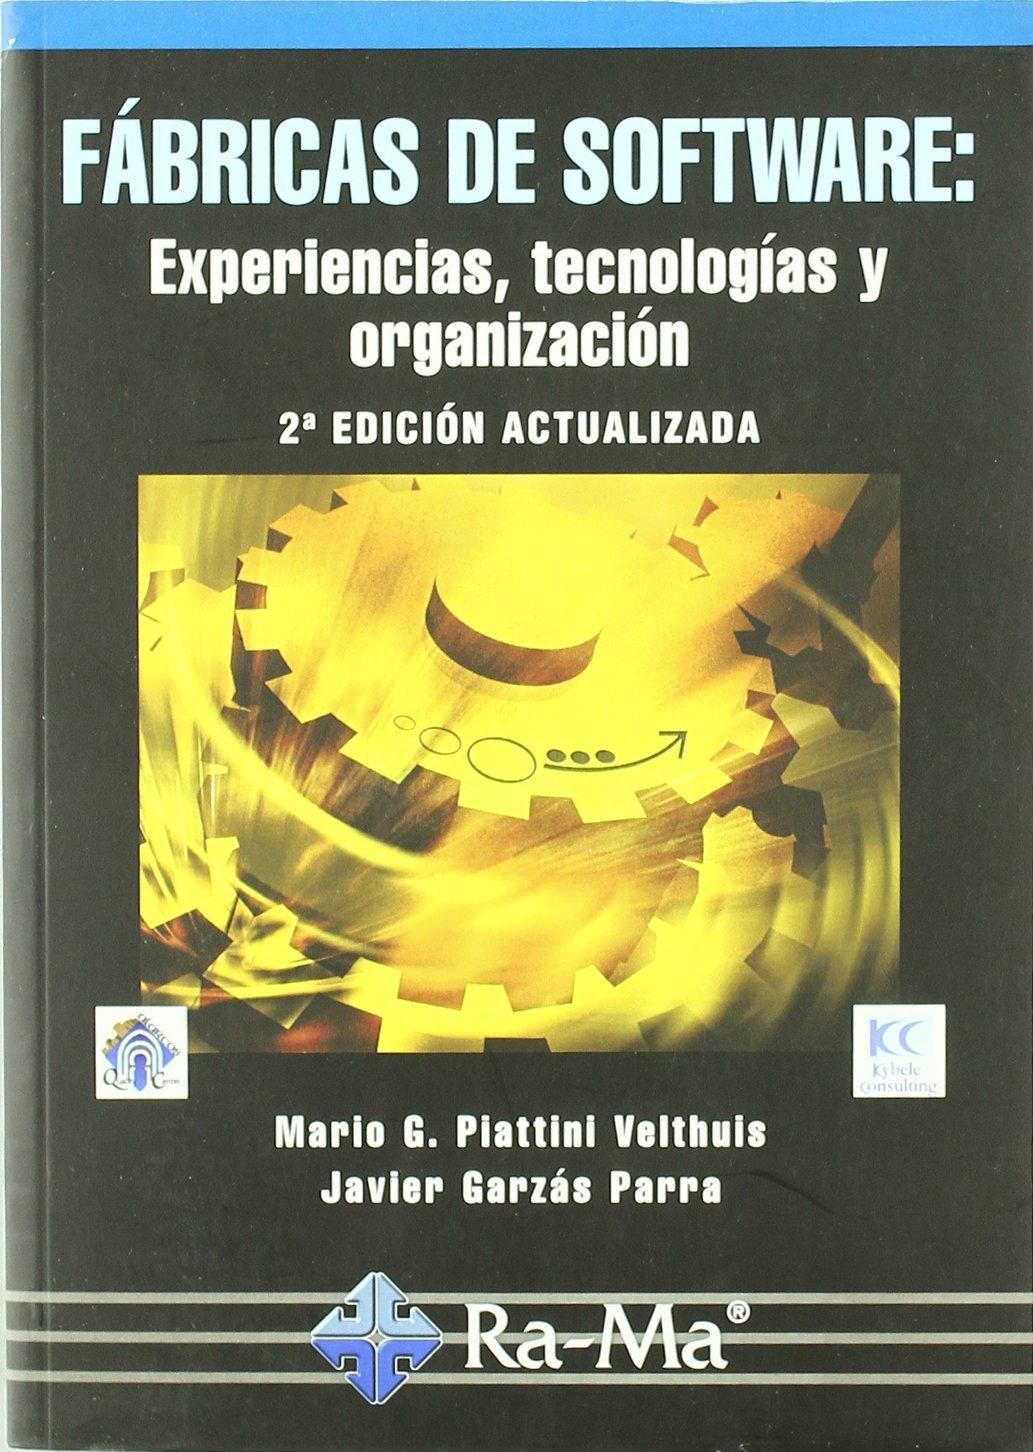 Fábricas de Software: Experiencias, Tecnologías y Organización. 2ª Edición ampliada y actualizada Tapa blanda – 11 feb 2010 Mario G. Piattini Velthuis Javier Garzás Parra ANTONIO GARCIA TOME 8478979603